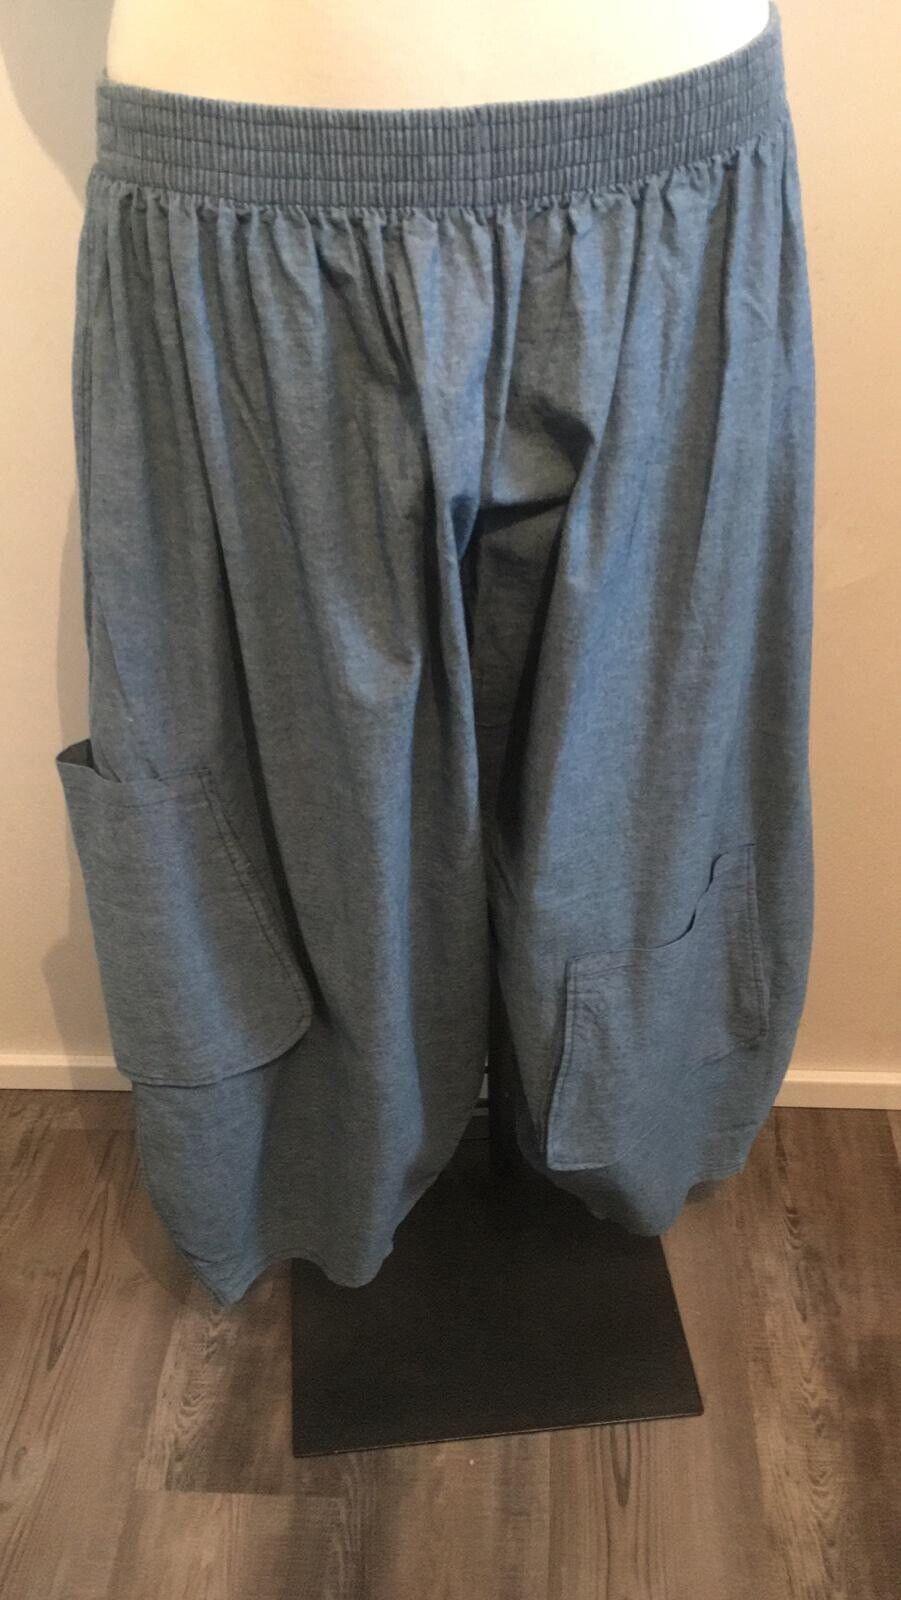 La Bass Light Balloon-Jeans Blau Größe 50-56 all-round rubber Pockets Blau Lagenlook